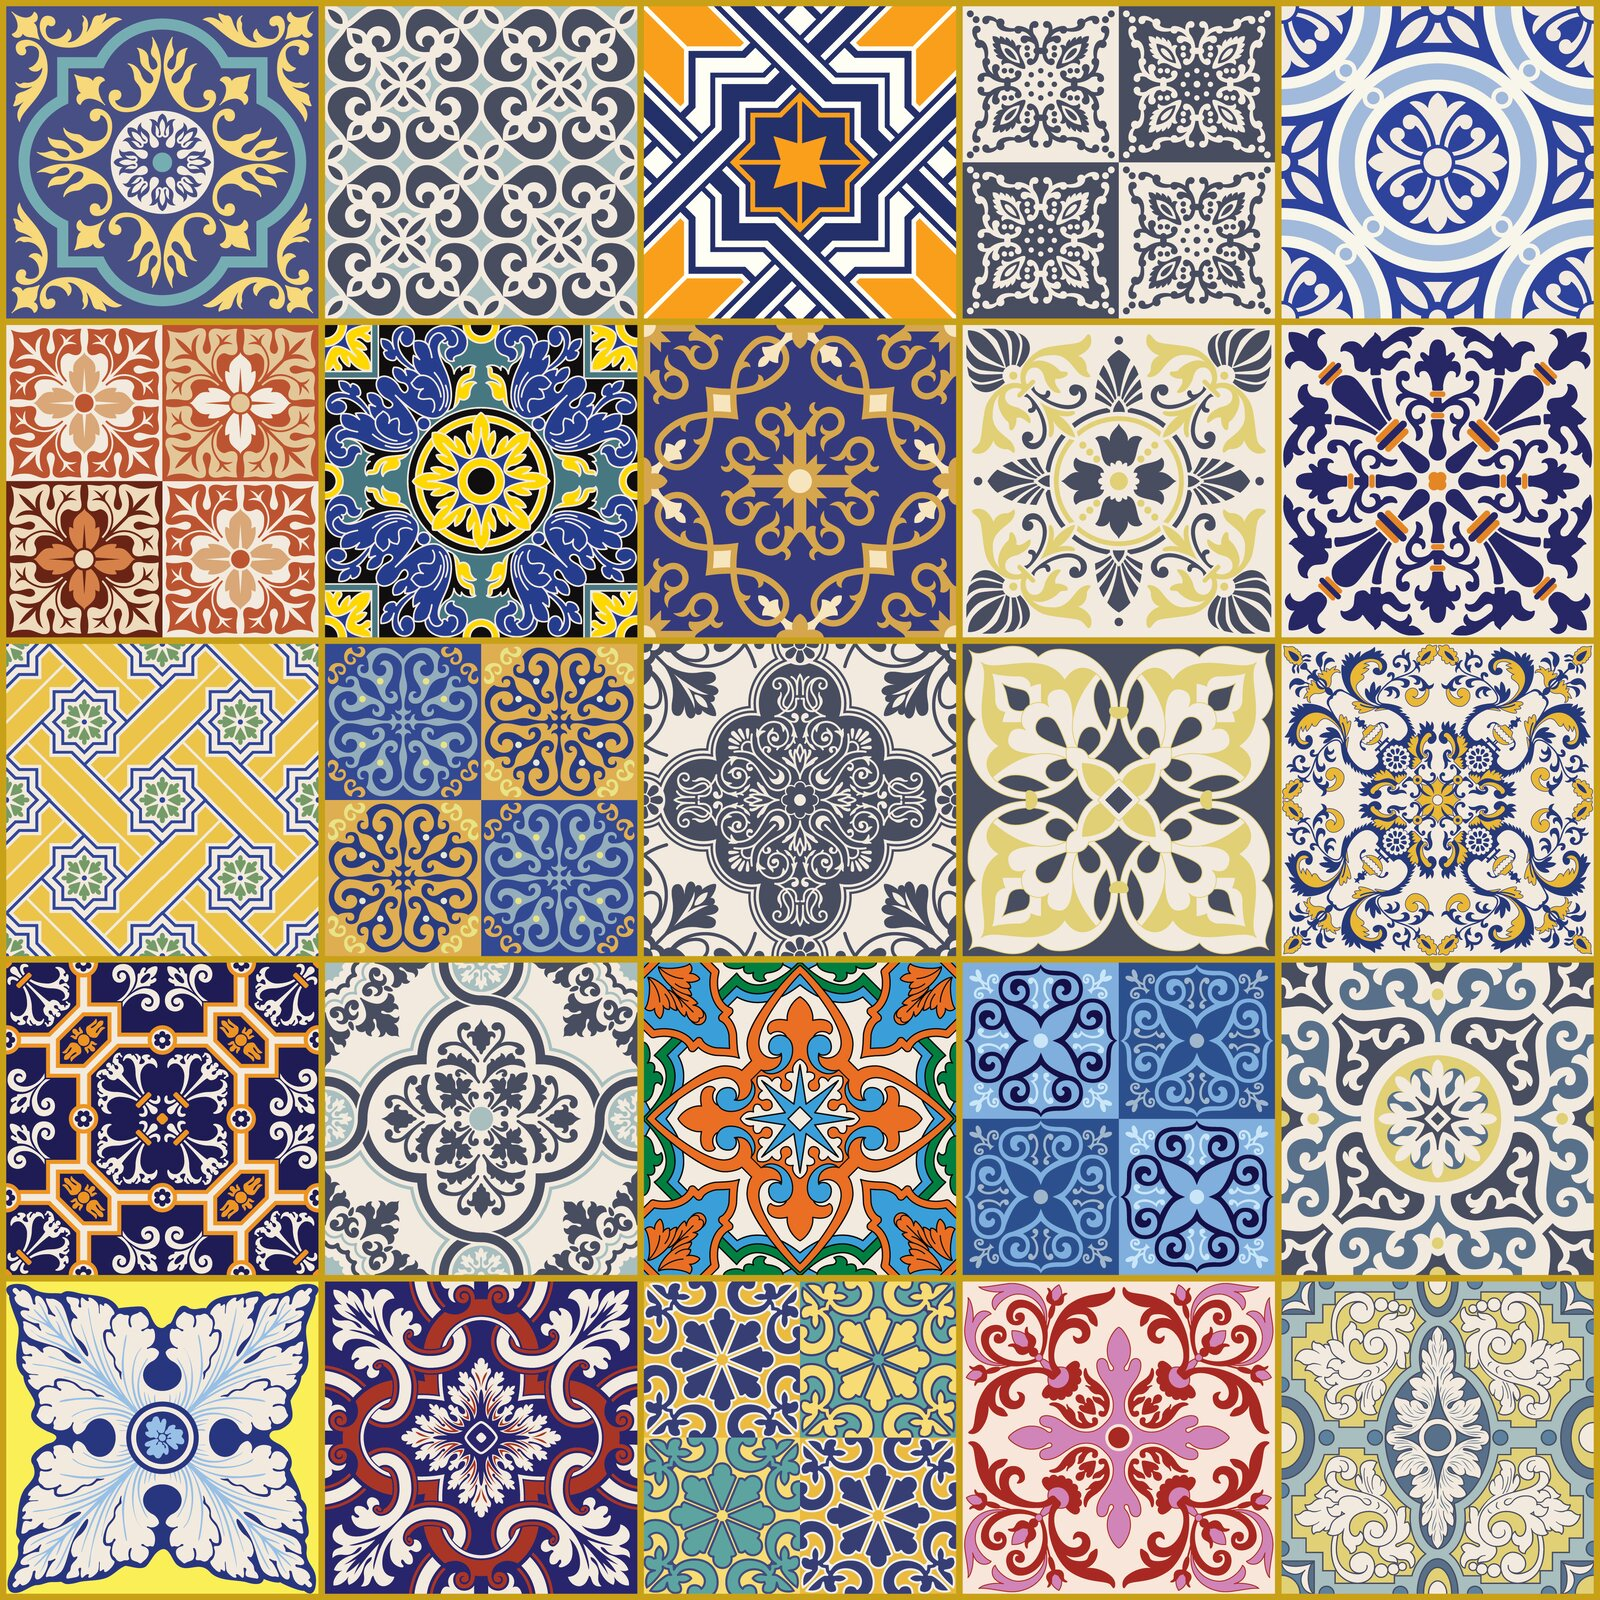 Ilustracja przedstawia płytki Azulejos. Ukazuje ona ornamenty na kwadratowych płytach. Każdy wzór jest inny, większość znich jest symetrycznych.